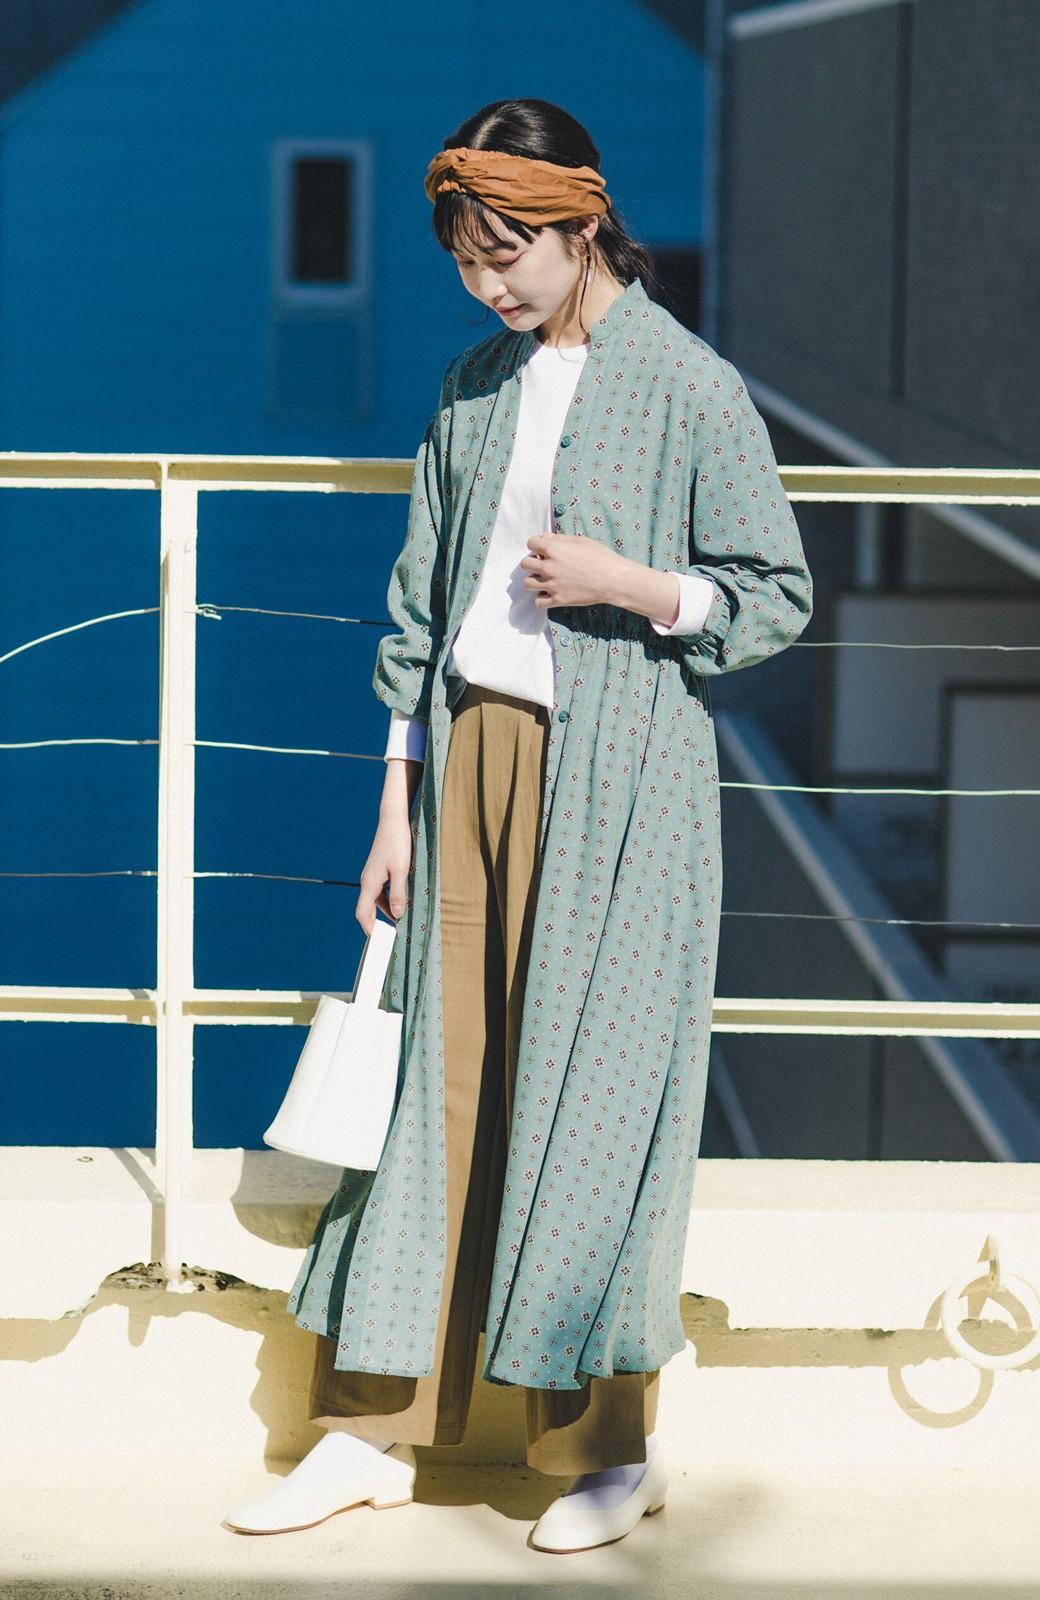 haco! コーデが華やいで気分も上がる 羽織りとしても便利な大人の雰囲気漂う小紋柄風ワンピース <ブルー>の商品写真2